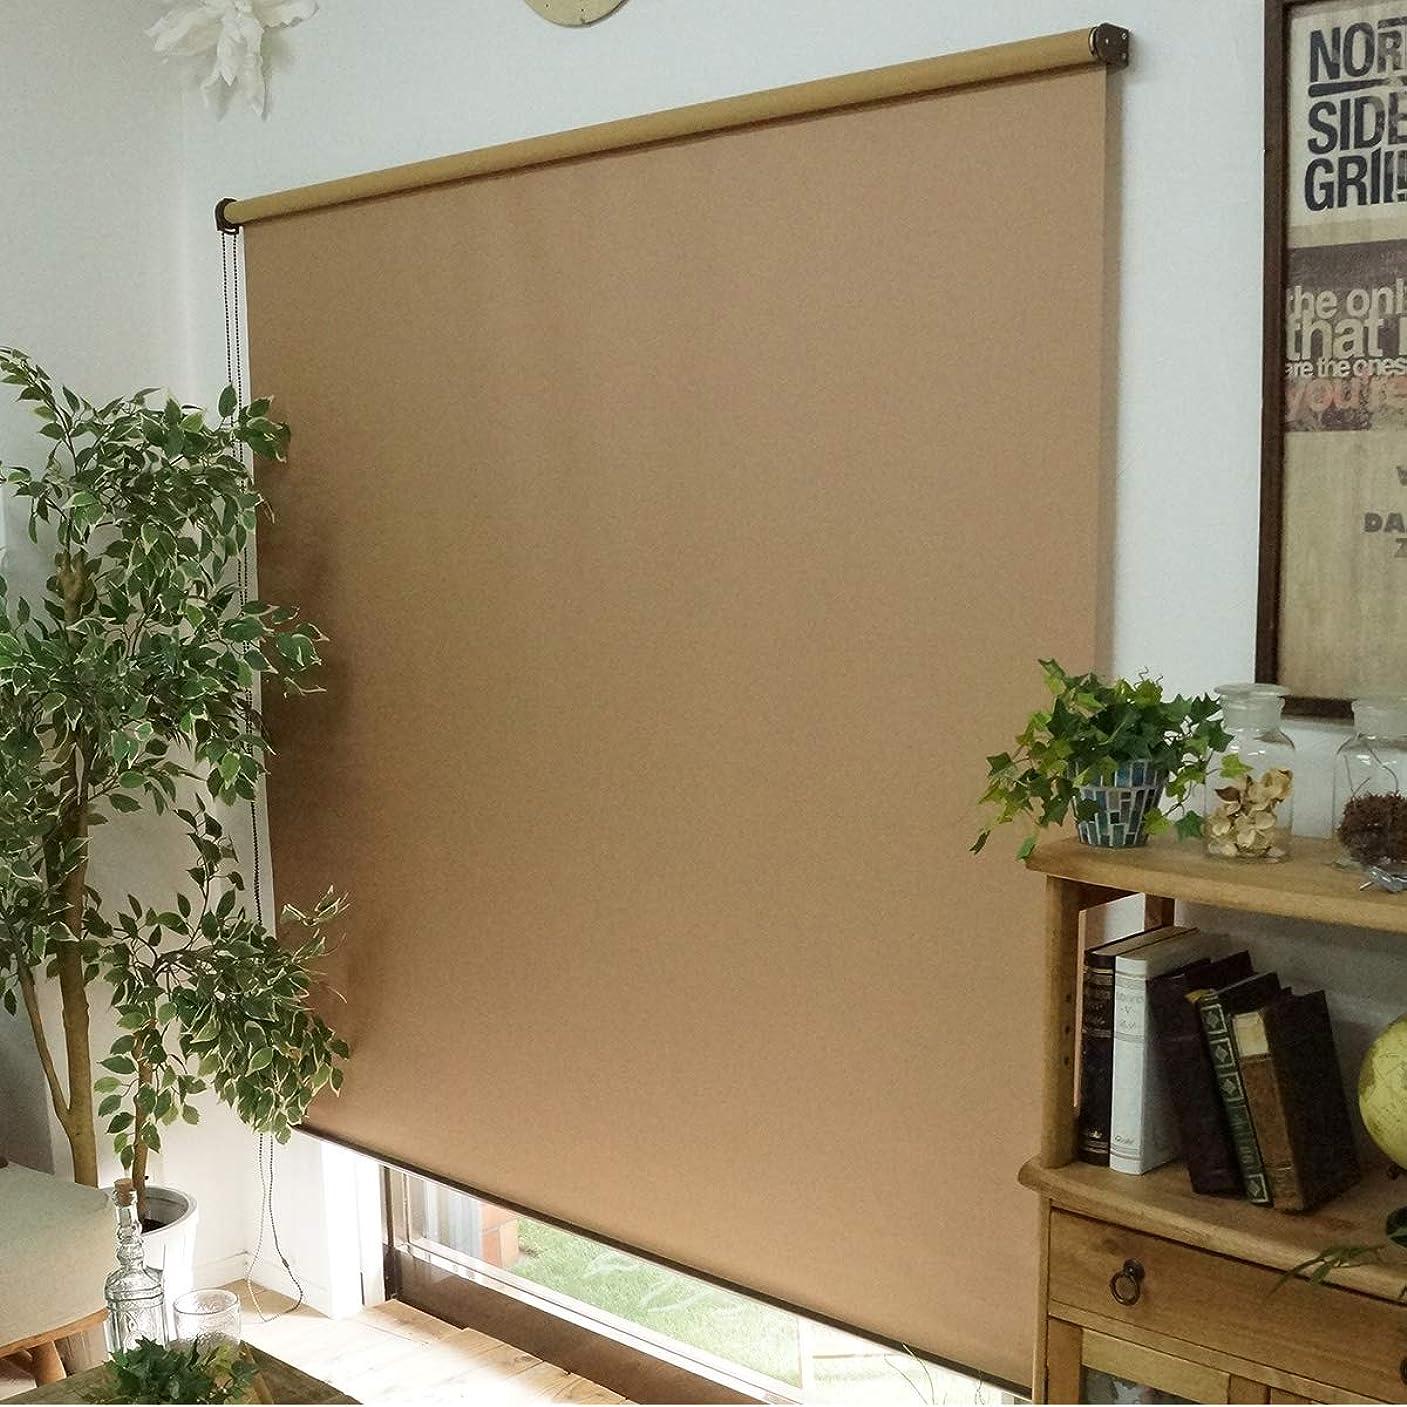 デイジー保育園エキゾチックグラムスタイル 一級遮光 ロールスクリーン 1cm単位 サイズ指定無料 (幅220cm 高さ250cm) ブラウン チェーン式 左操作